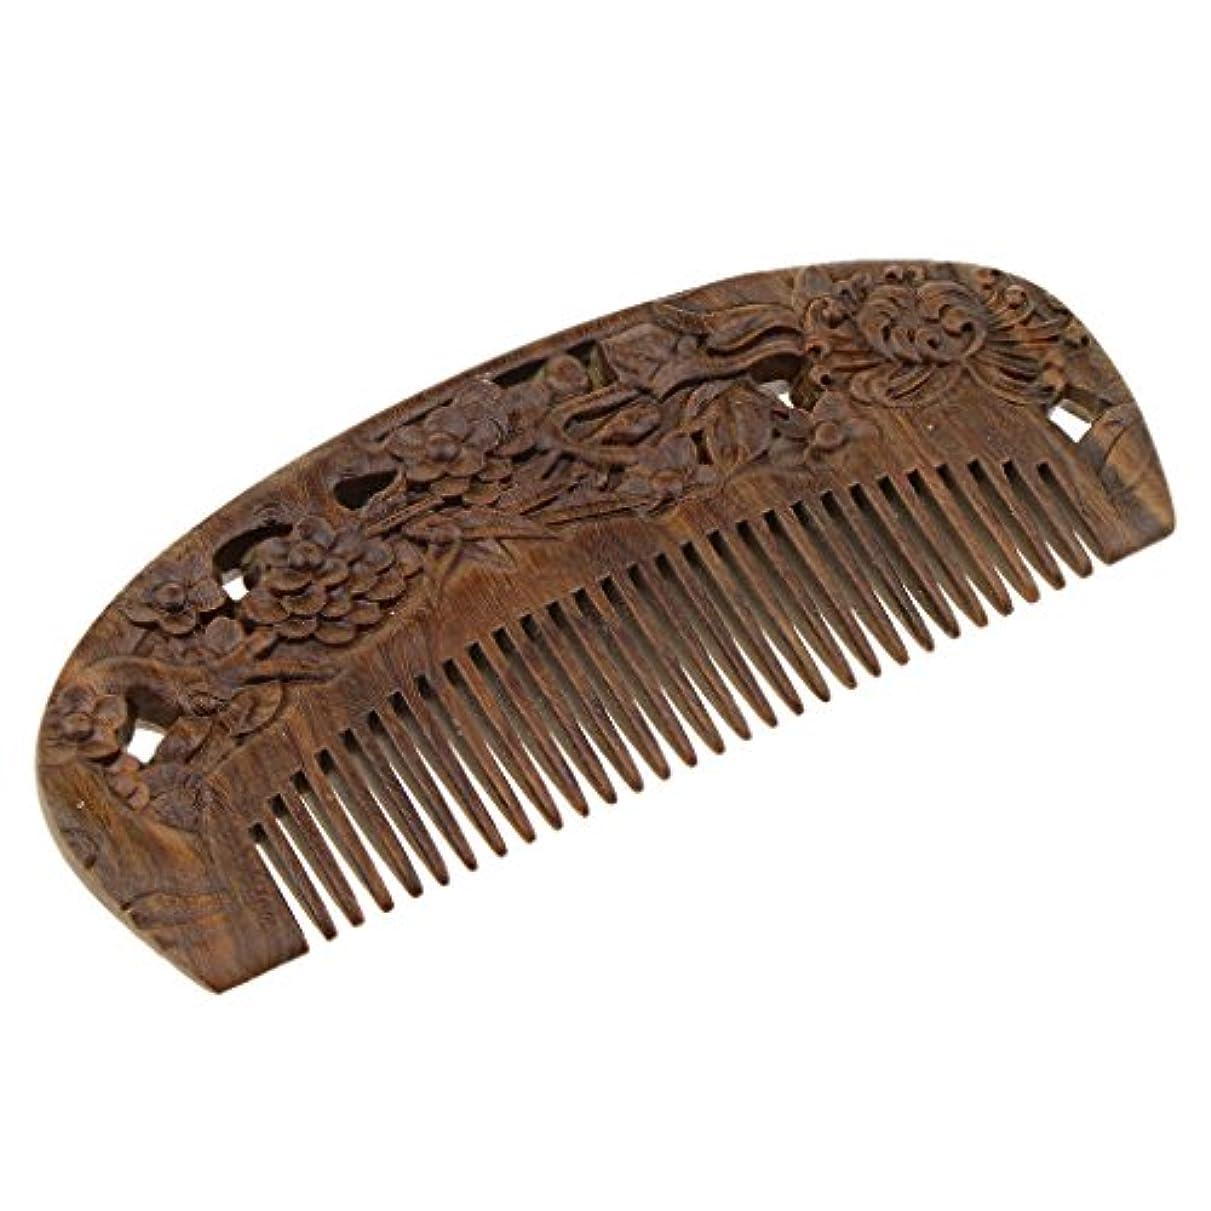 防止先のことを考えるハードリングヘアコーム 木製櫛 頭皮マッサージ 櫛 ヘアスタイリング 高品質 2タイプ選べる - #2